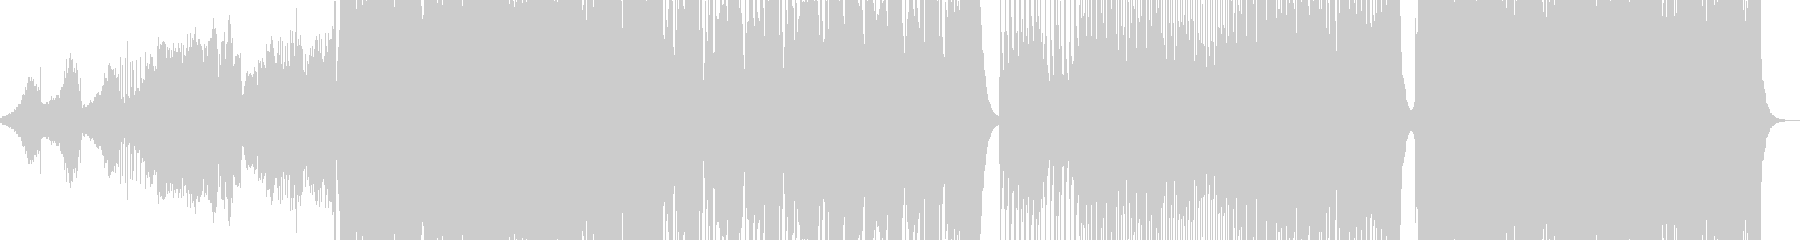 和風ダンス曲 三味線ソロ有りの未再生の波形